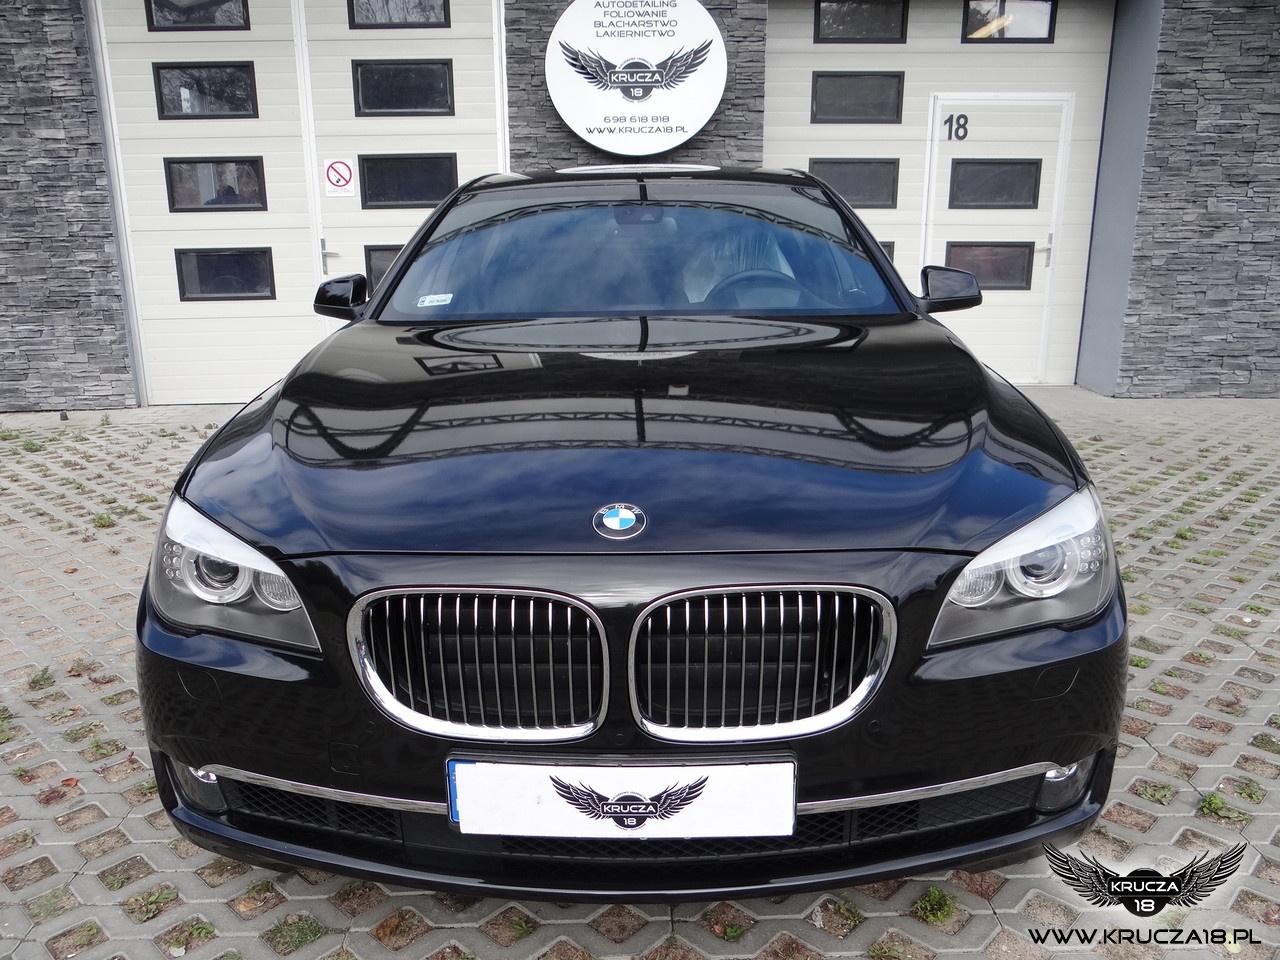 BMW zabezpieczenie przodu pojazdu folią bezbarwną STONE PROTECT